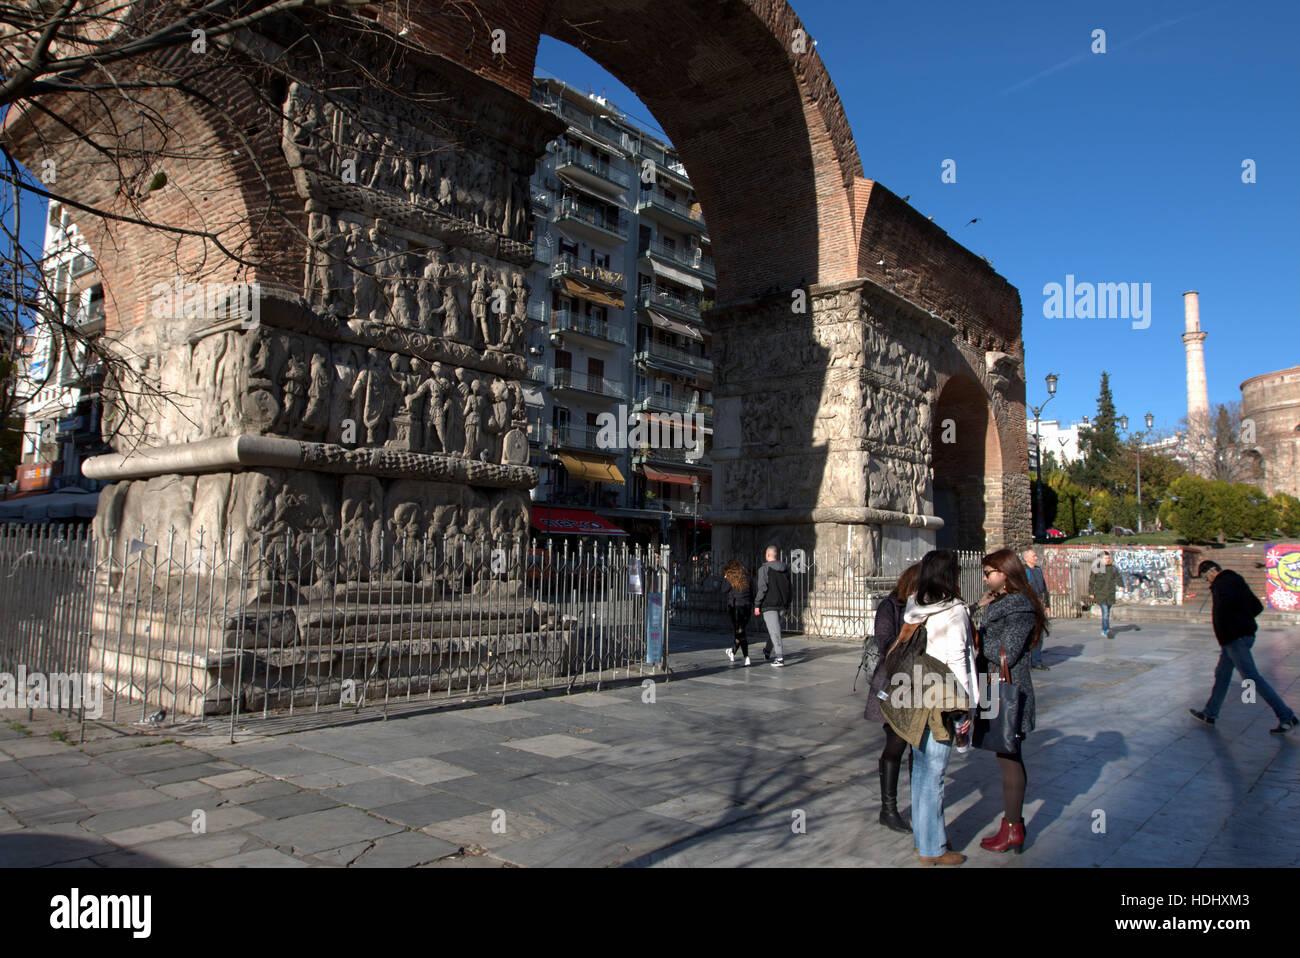 A sreet scene in Thessaloniki, Greece. - Stock Image